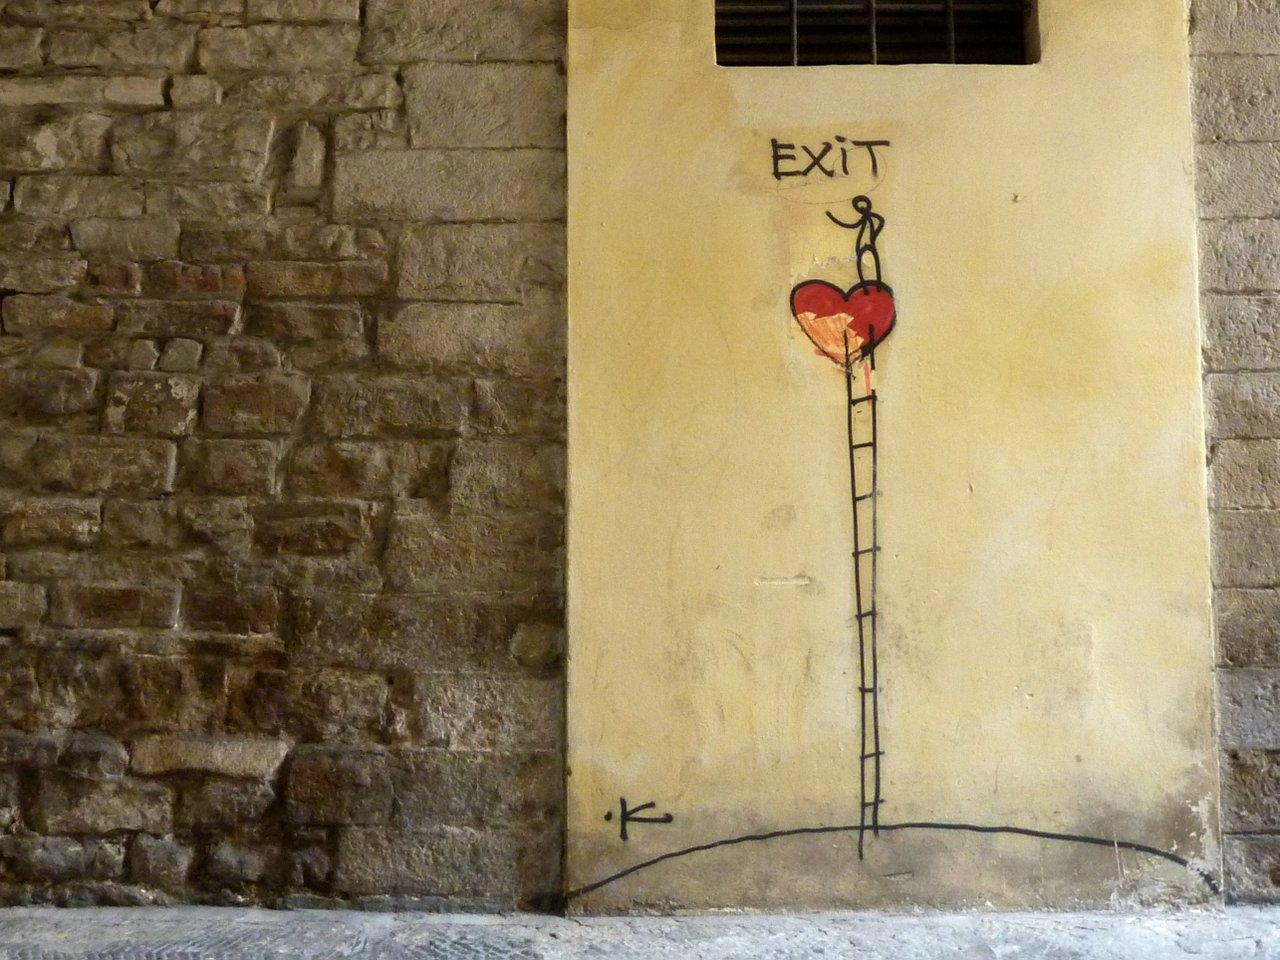 due giorni a firenze: street art a firenze Exit Enter